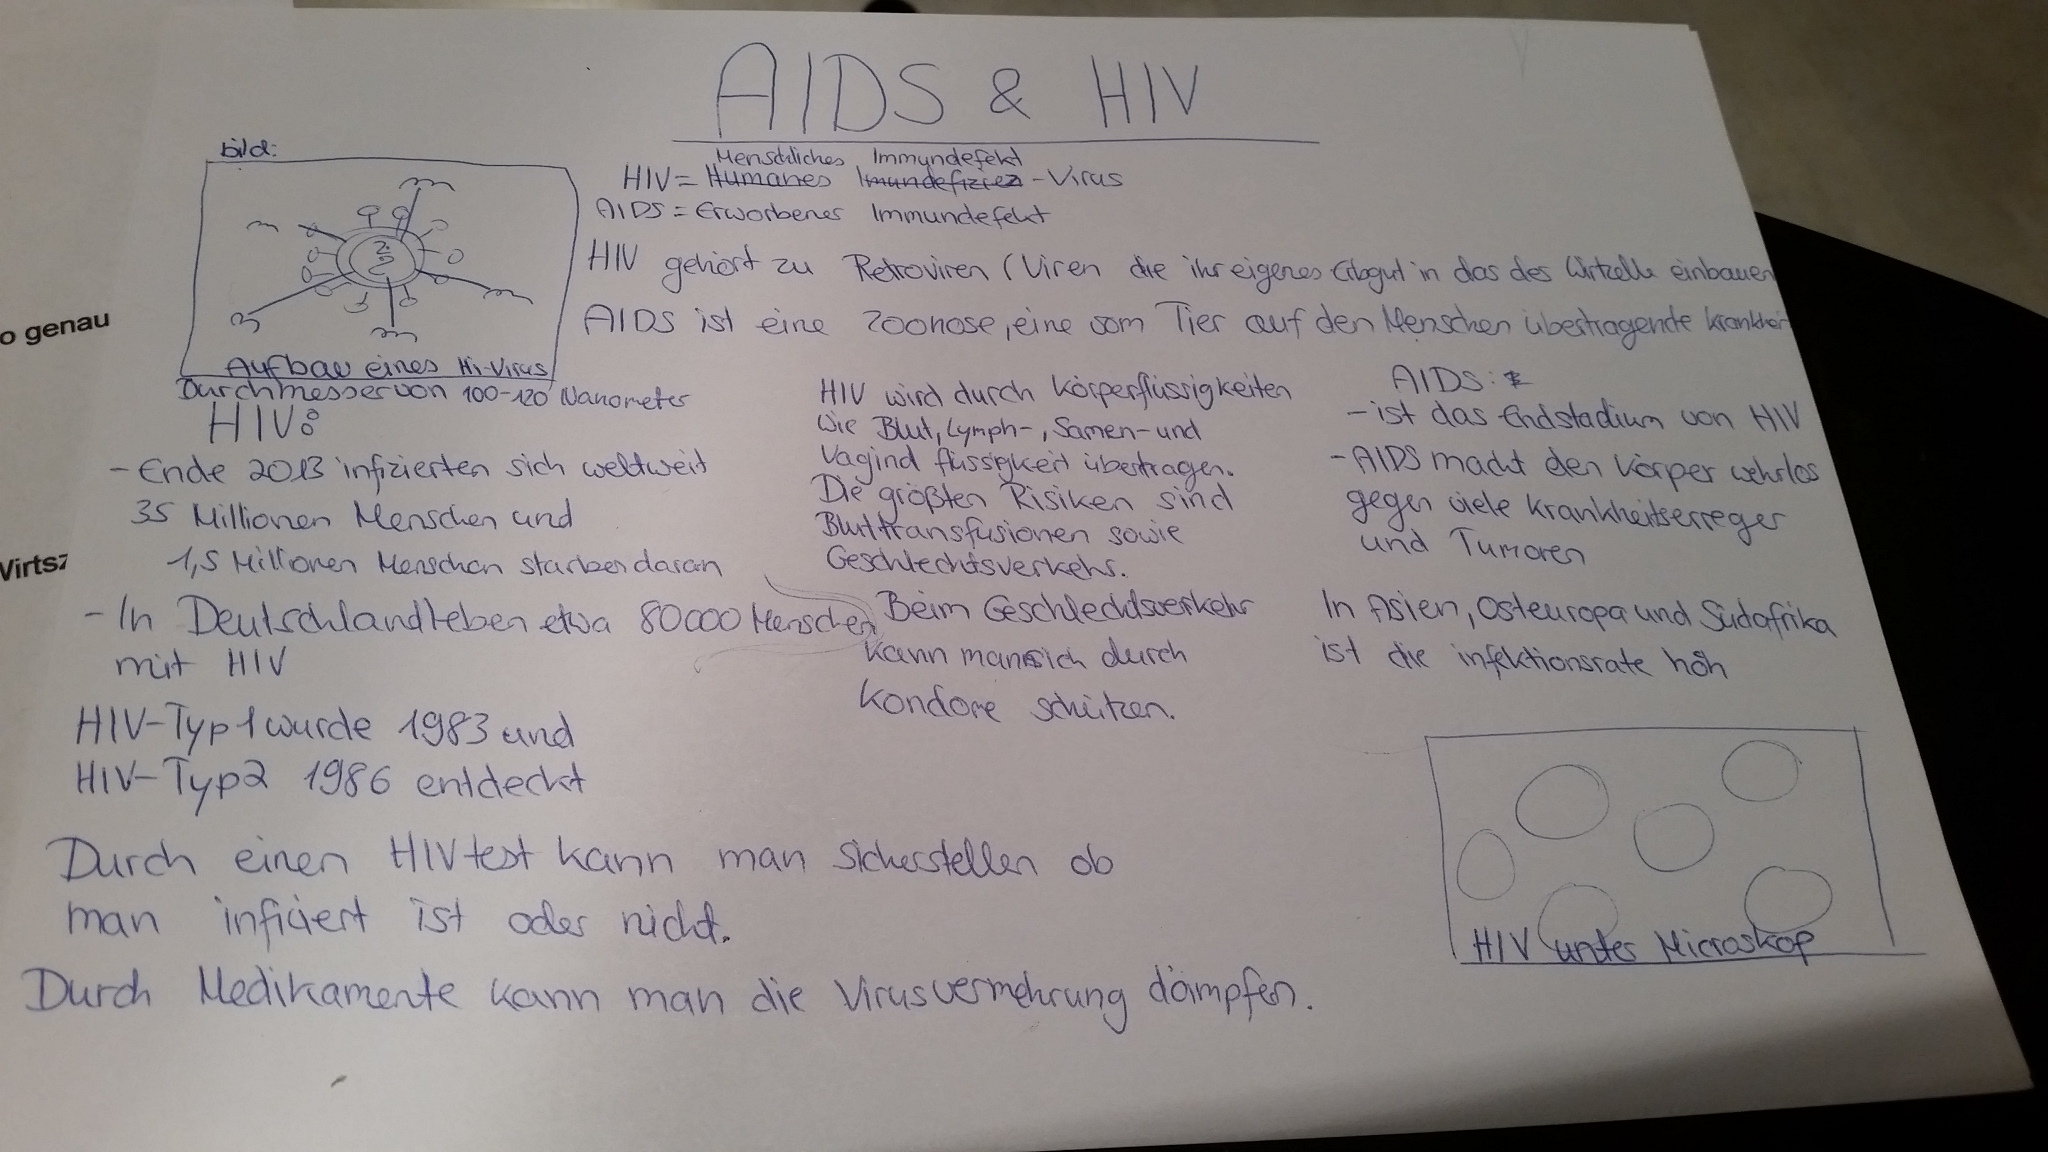 Wie soll ich am besten ein Plakat gestalten zum Thema aids und hiv ?